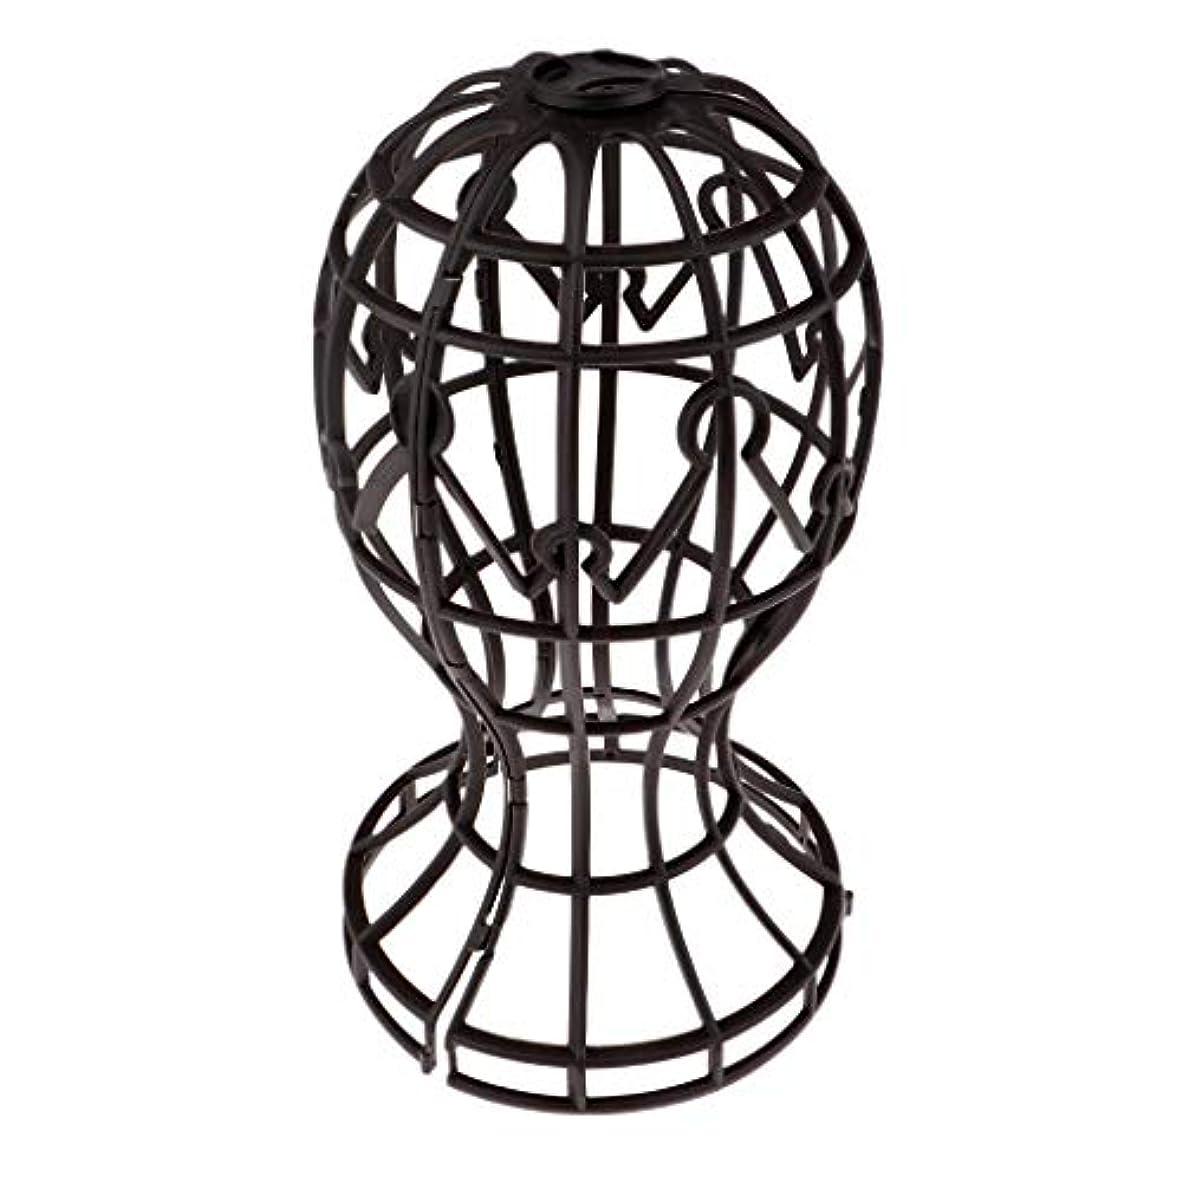 れる着陸起こりやすいSharplace かつらホルダー 髪型スタンド ウィッグスタンド 省スペース 帽子 ディスプレイ 高さ約31cm - ブラウン